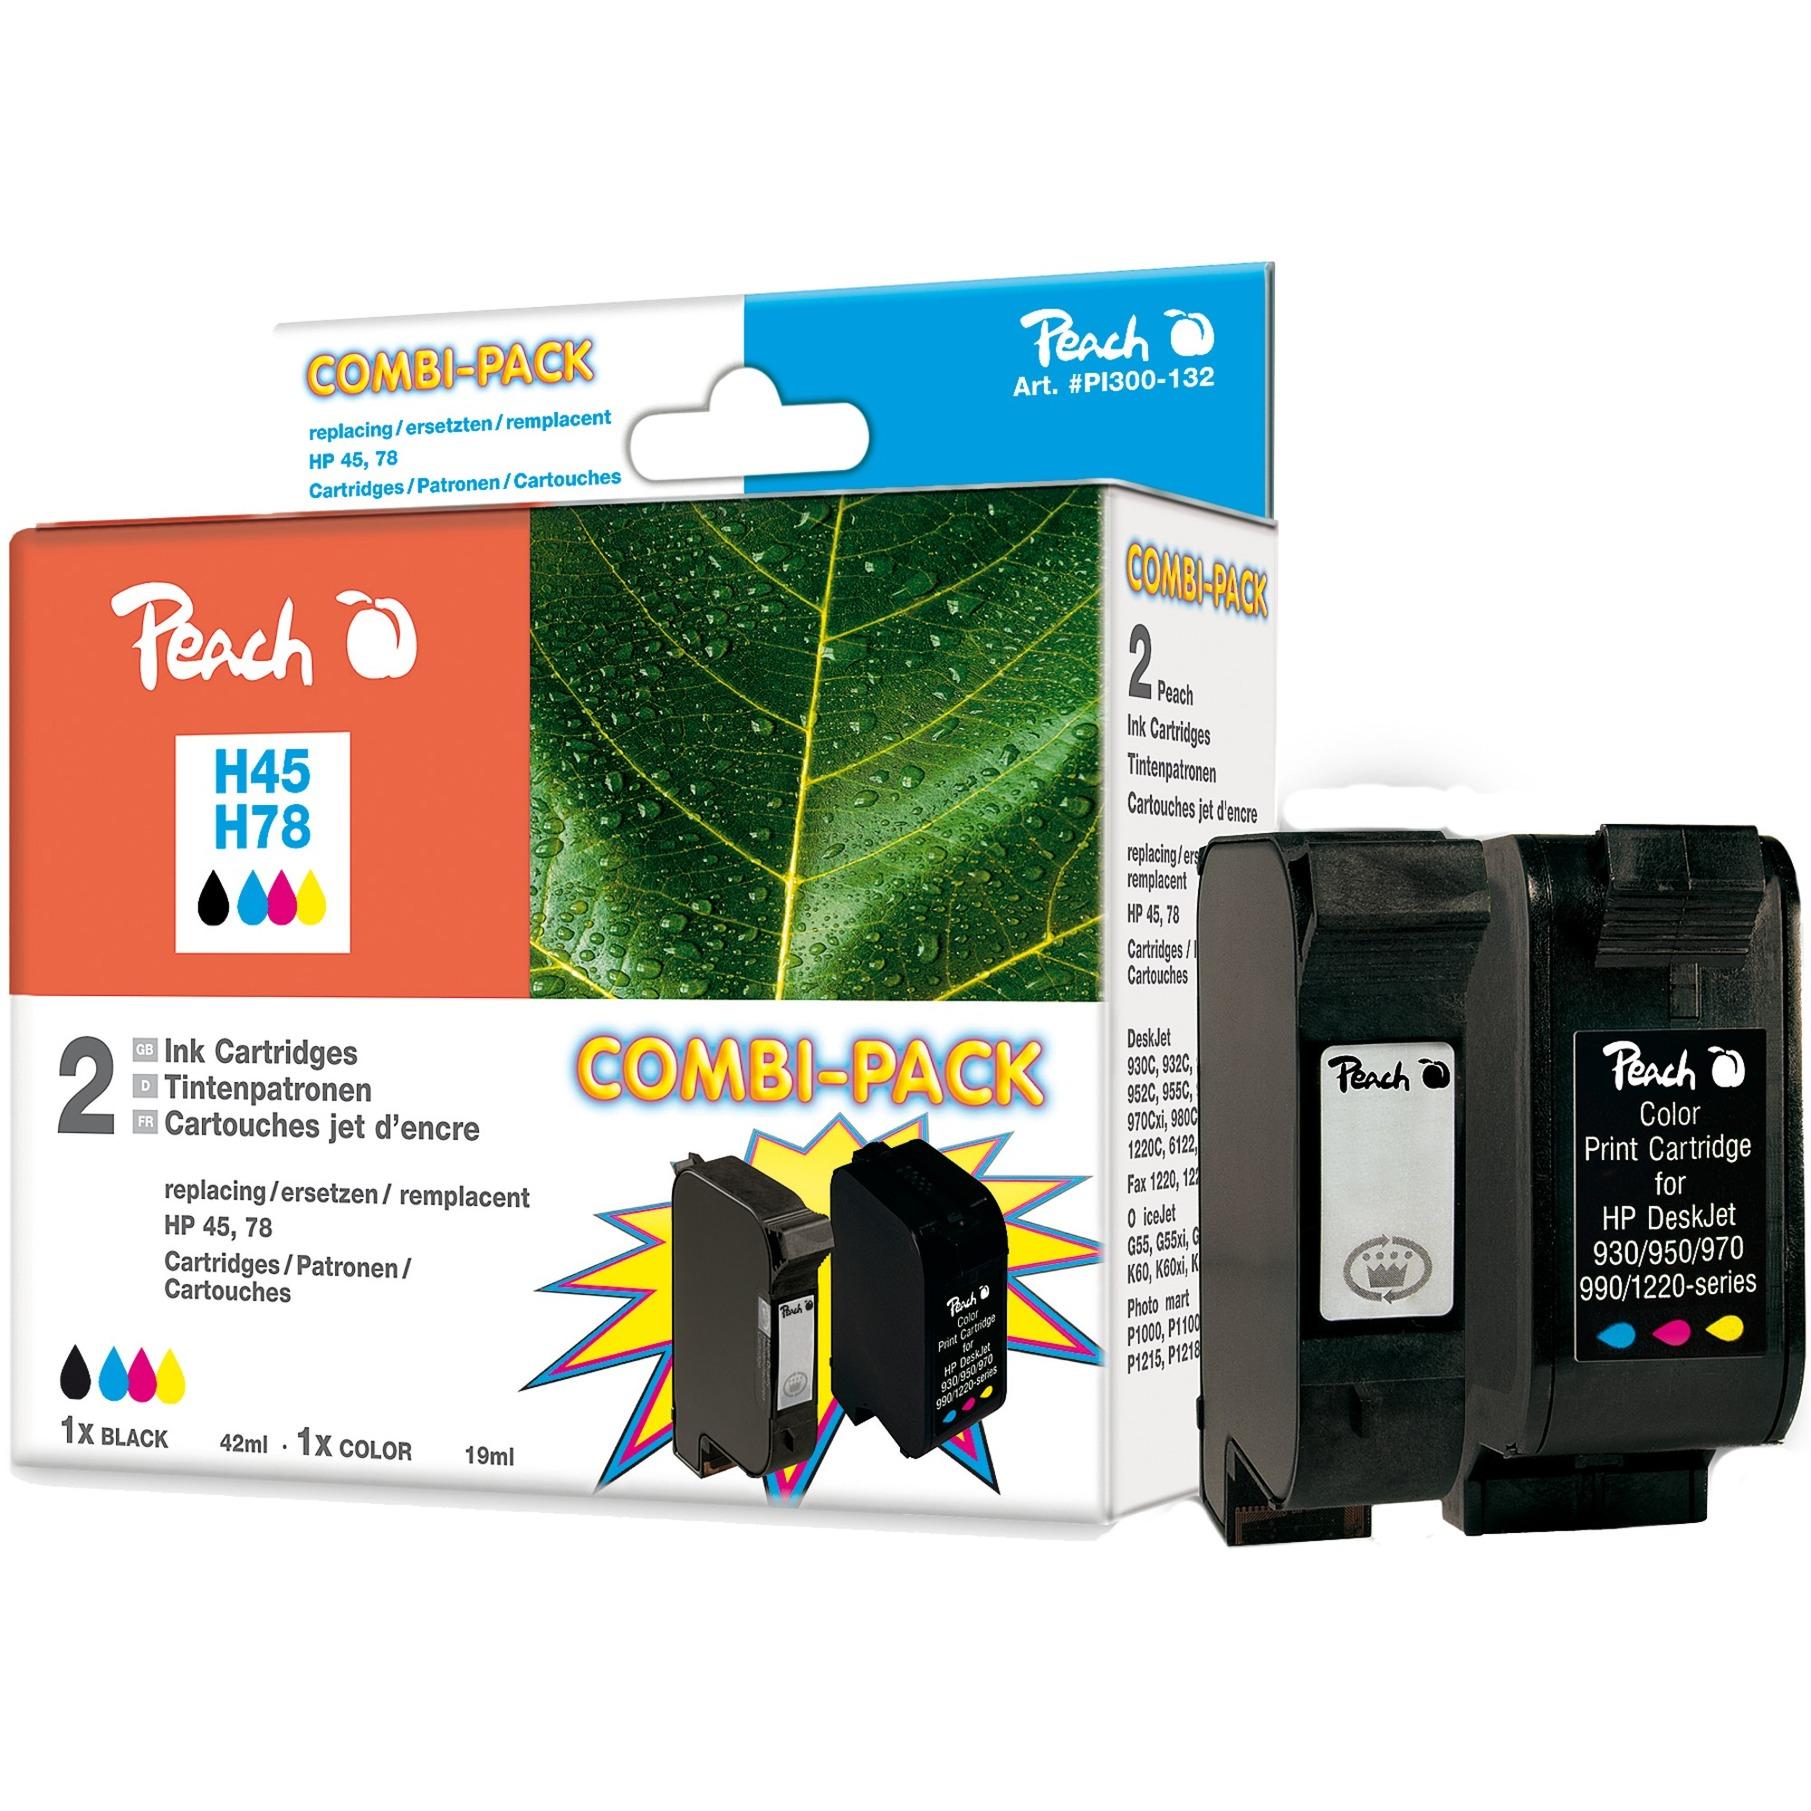 Peach Tinte Spar Pack PI300-132